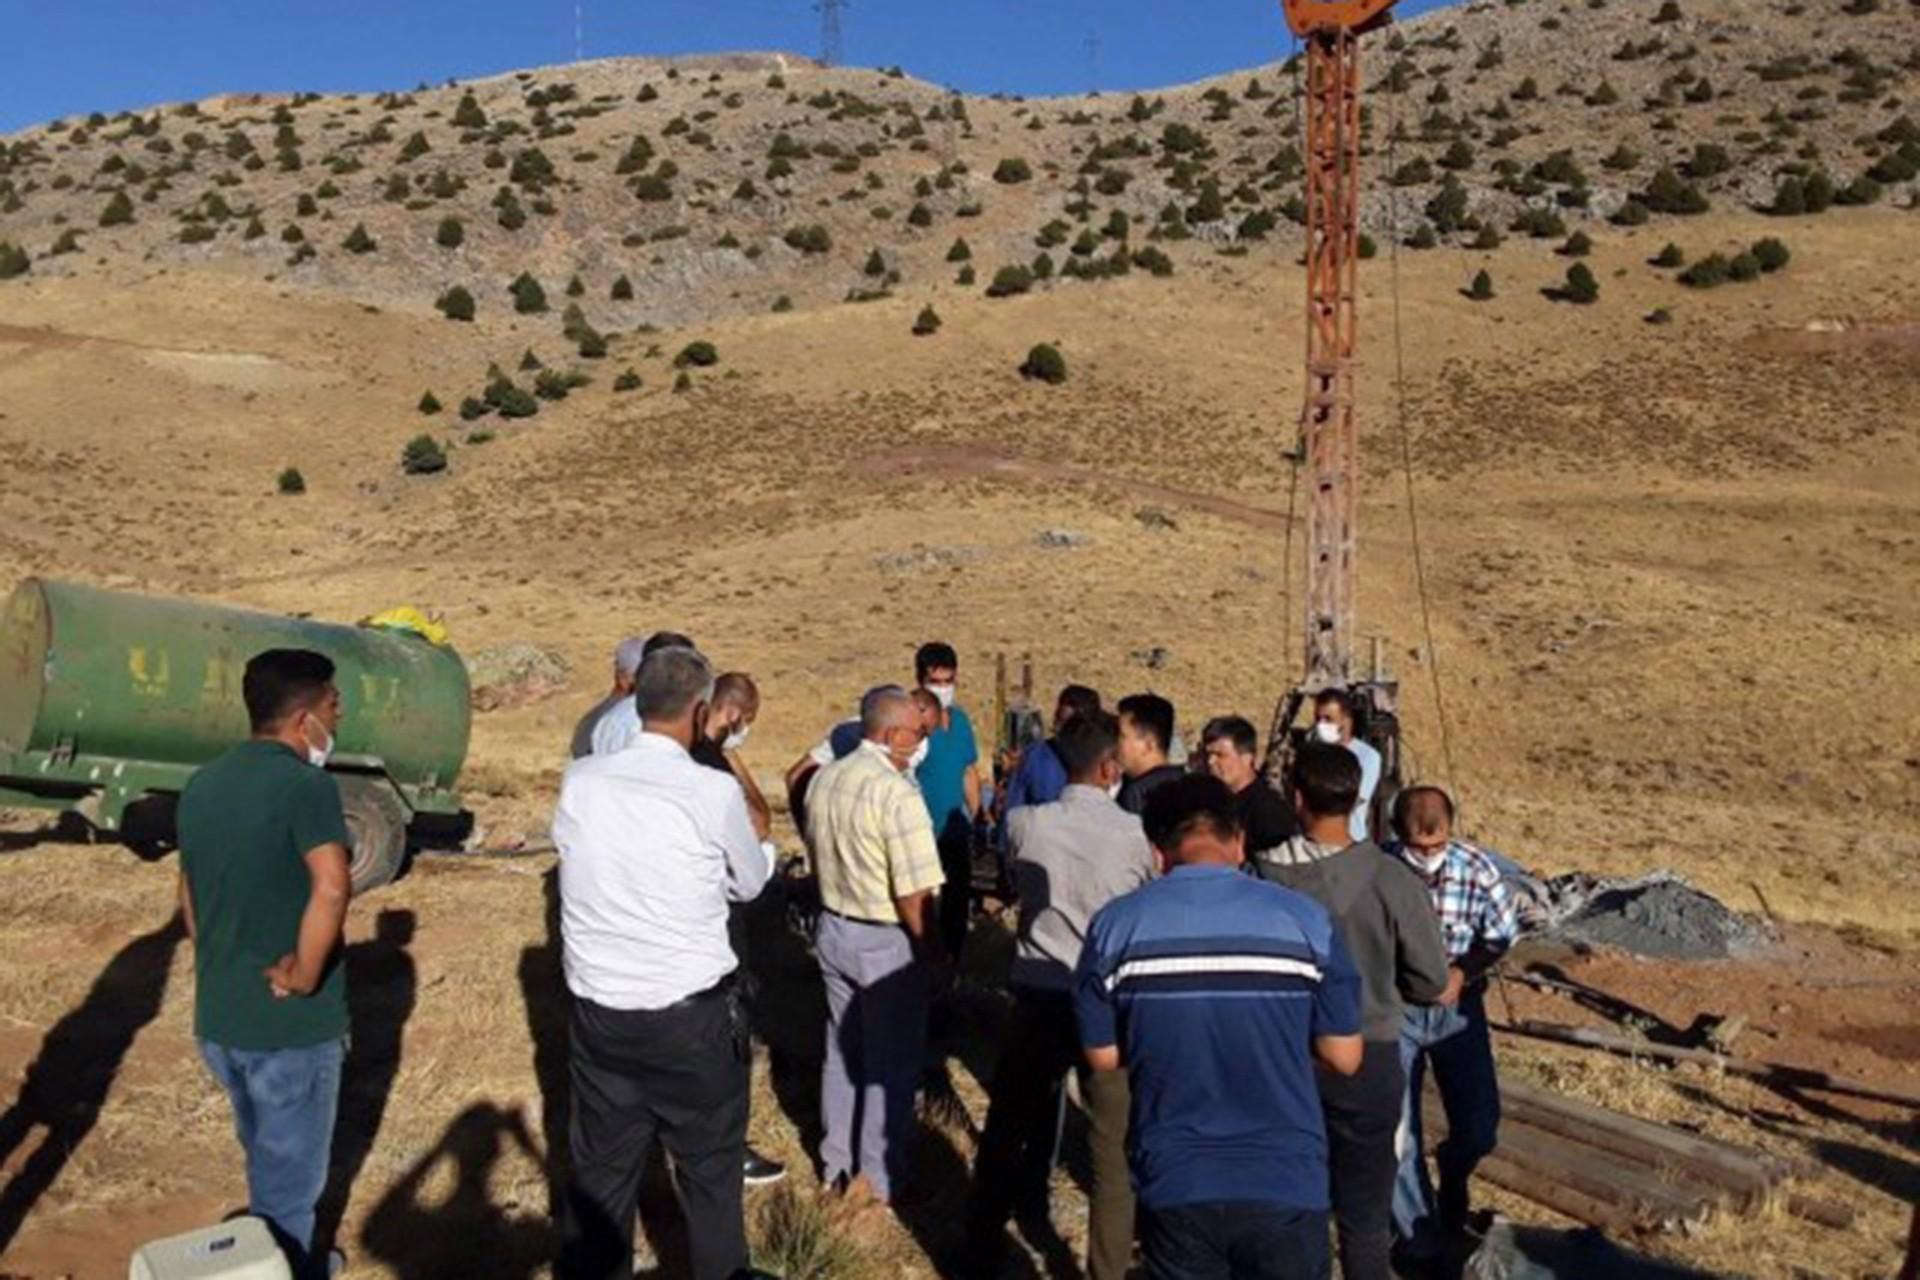 Maden yapılmak istenen alanda insanlar bekliyor.